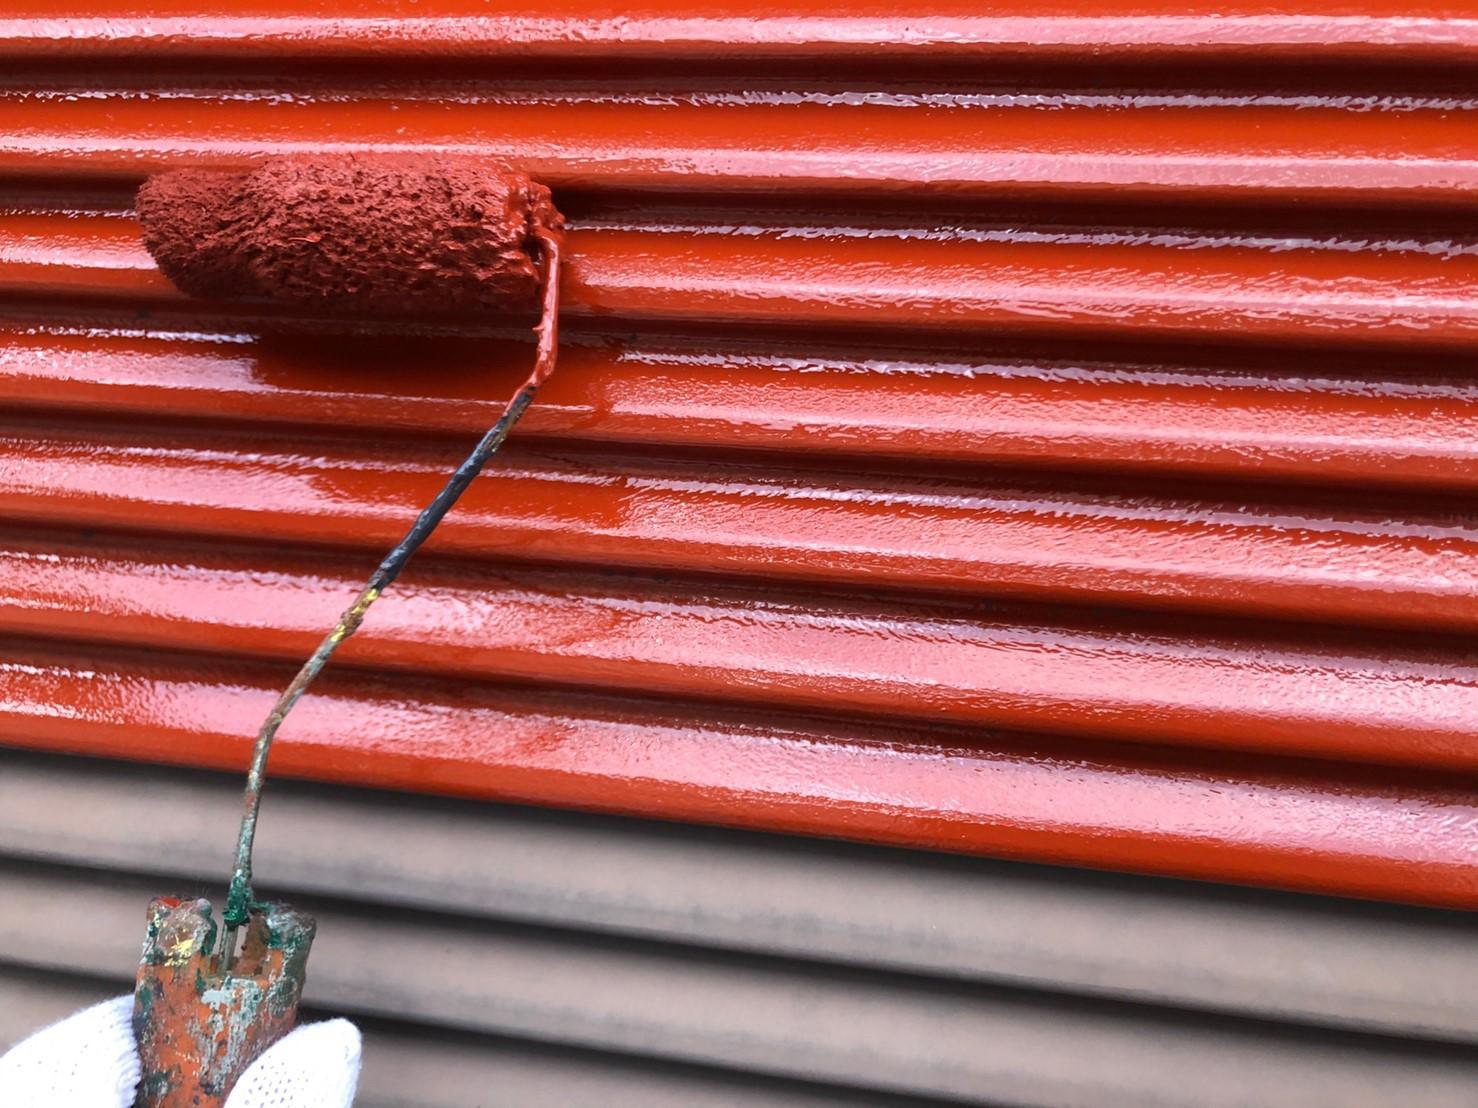 さいたま市岩槻区戸袋下塗りは防さび塗料ハイポンファインデクロを使用